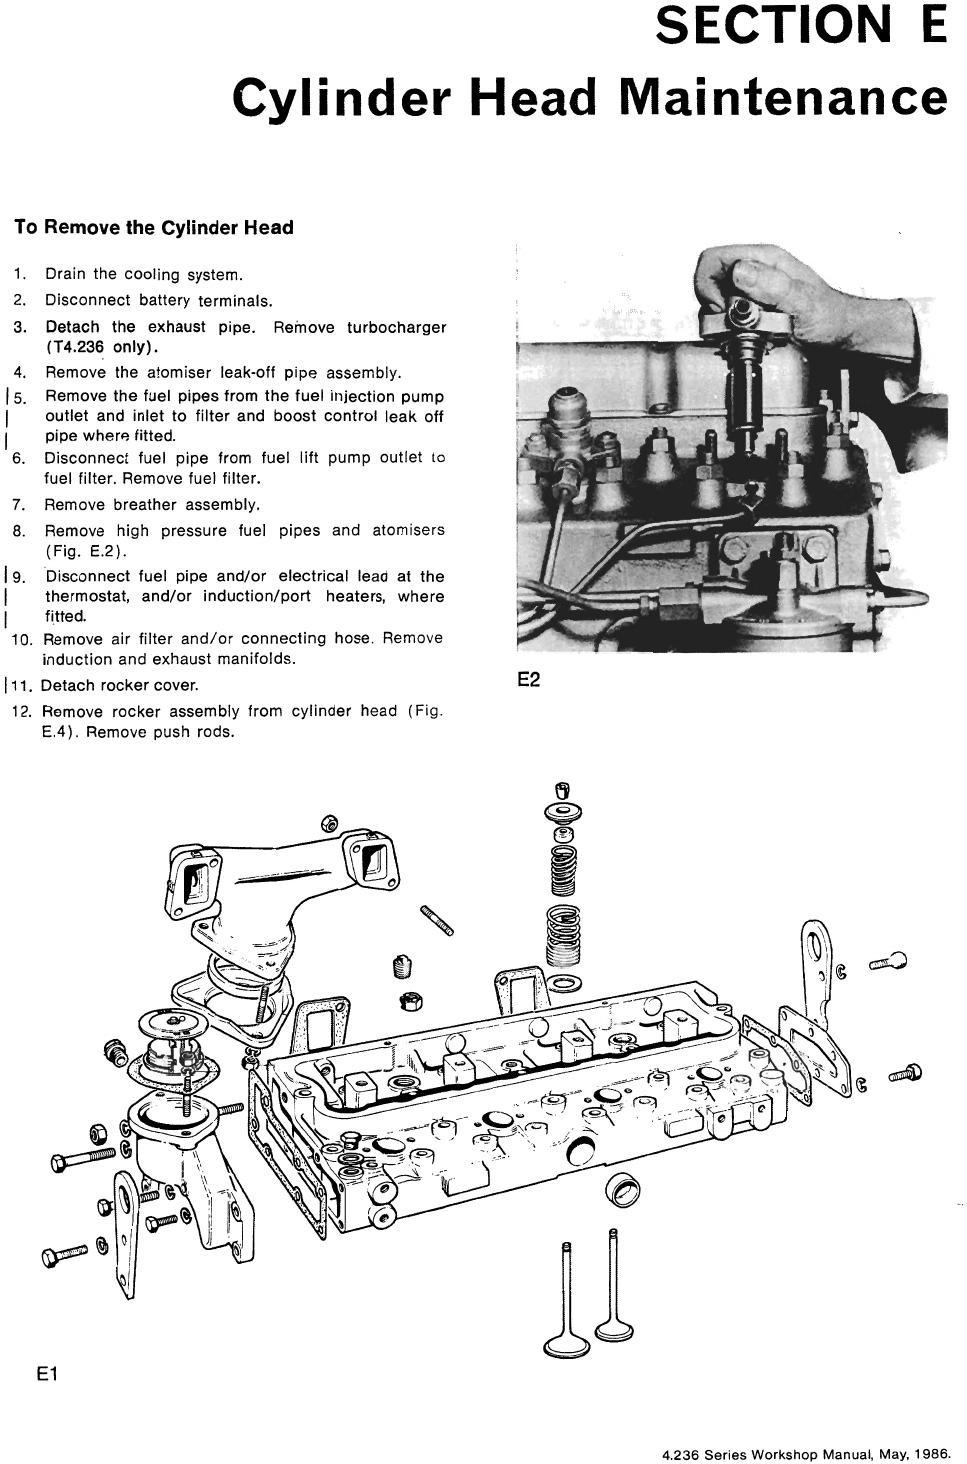 Perkins 4.326 Workshop Manual